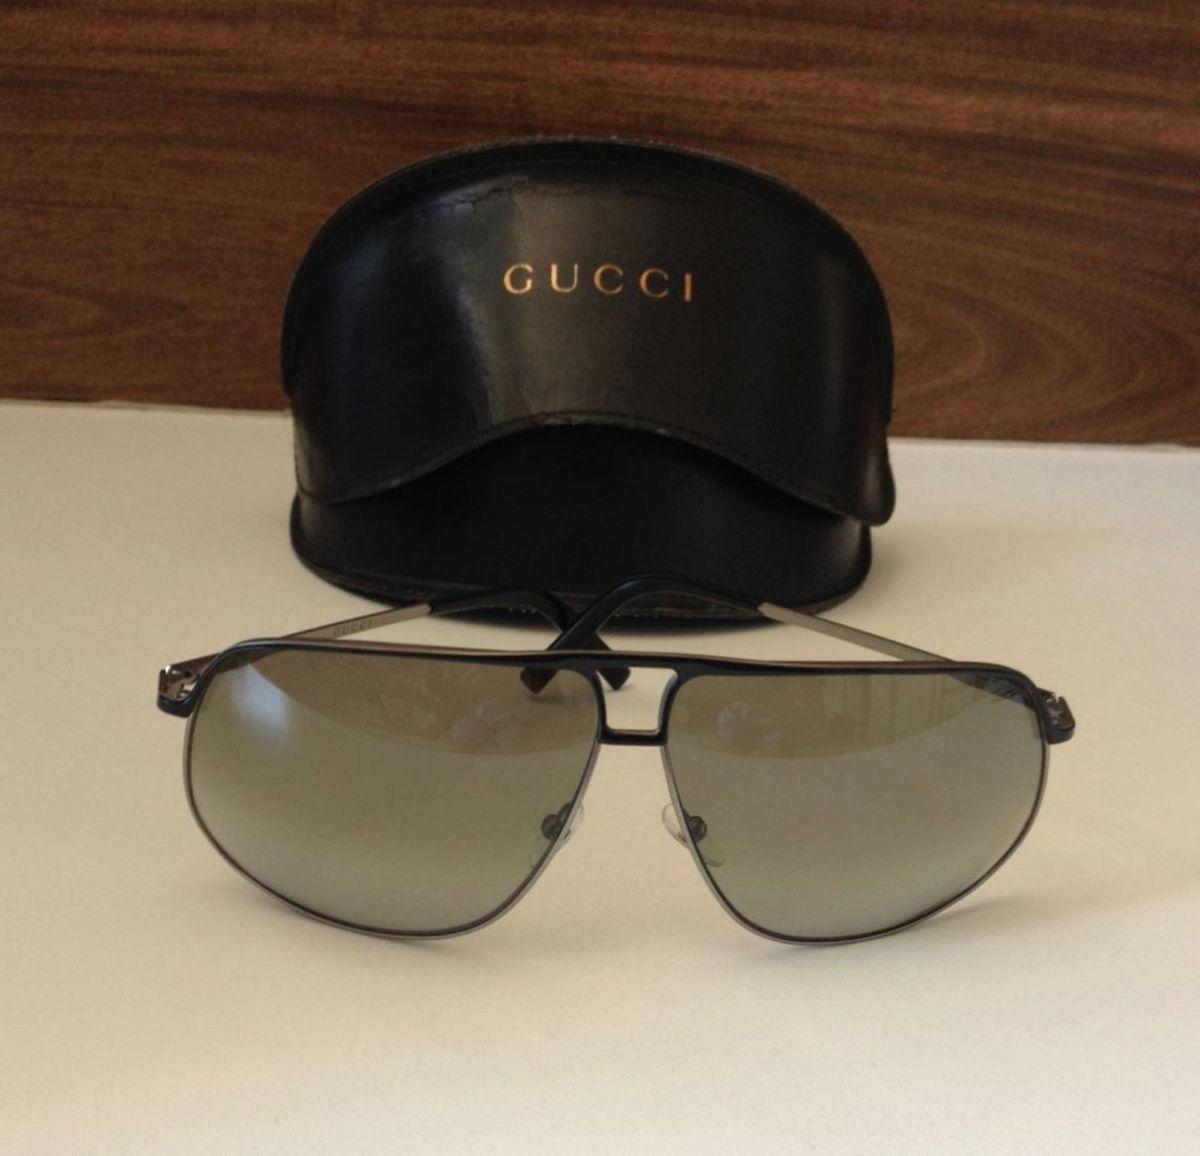 óculos gucci - óculos gucci.  Czm6ly9wag90b3muzw5qb2vplmnvbs5ici9wcm9kdwn0cy81mtq1mdm2lzq3njnmodi0zdnmymjkztnhmdnmndq3mdu5y2i5nwmylmpwzw  ... 310a98b9de